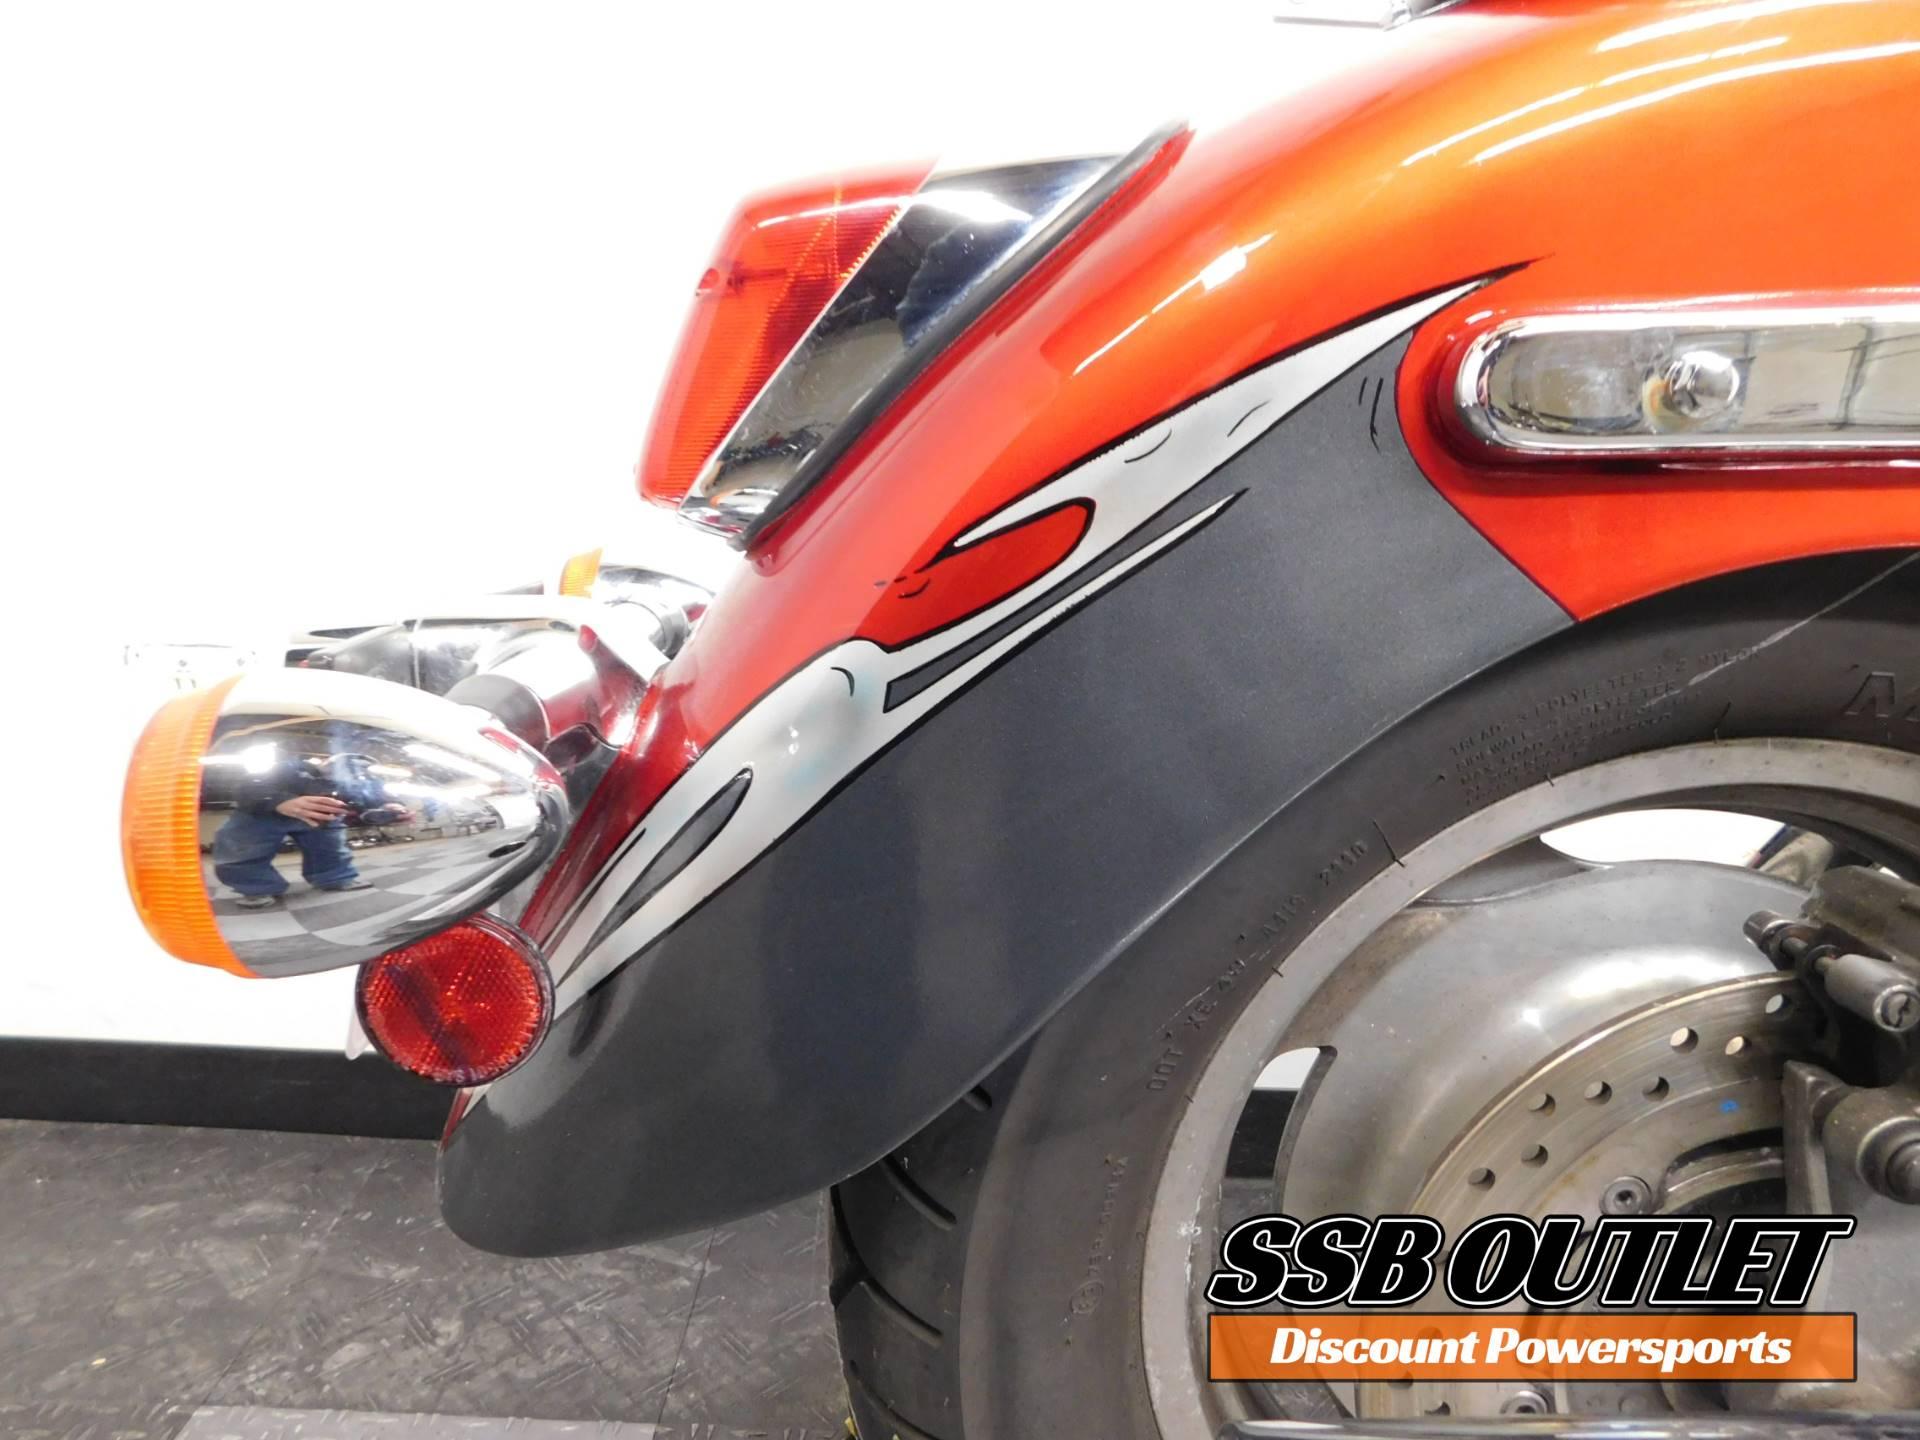 2006 Honda Shadow Spirit 10